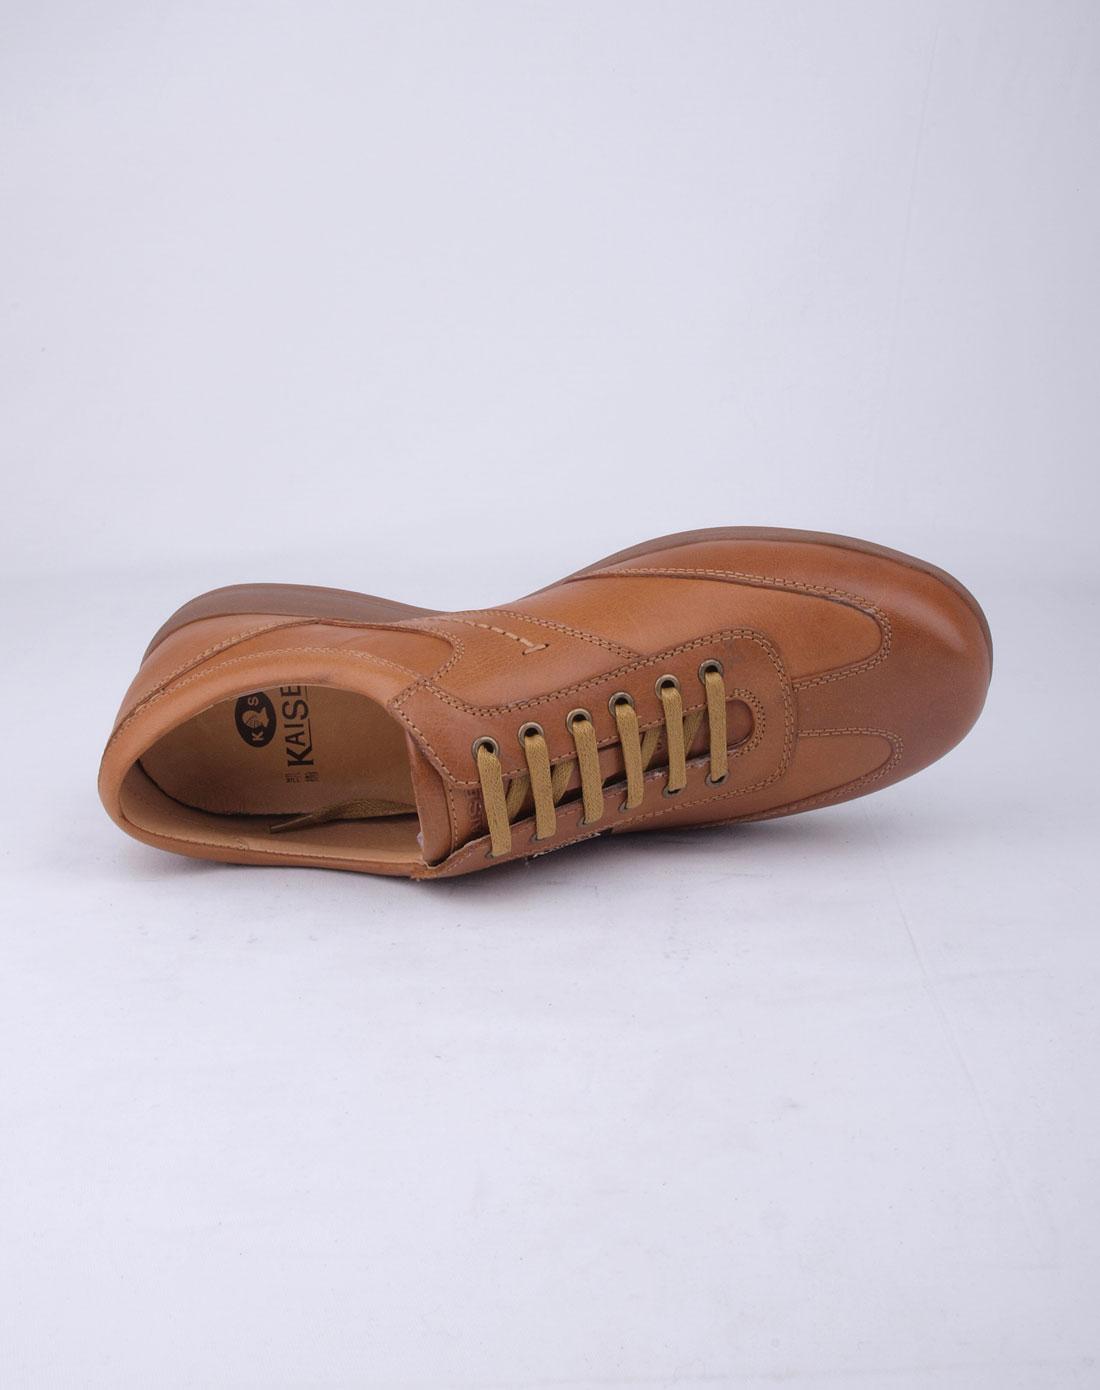 凯撒kaiser男款浅棕色时尚休闲皮鞋238c2025